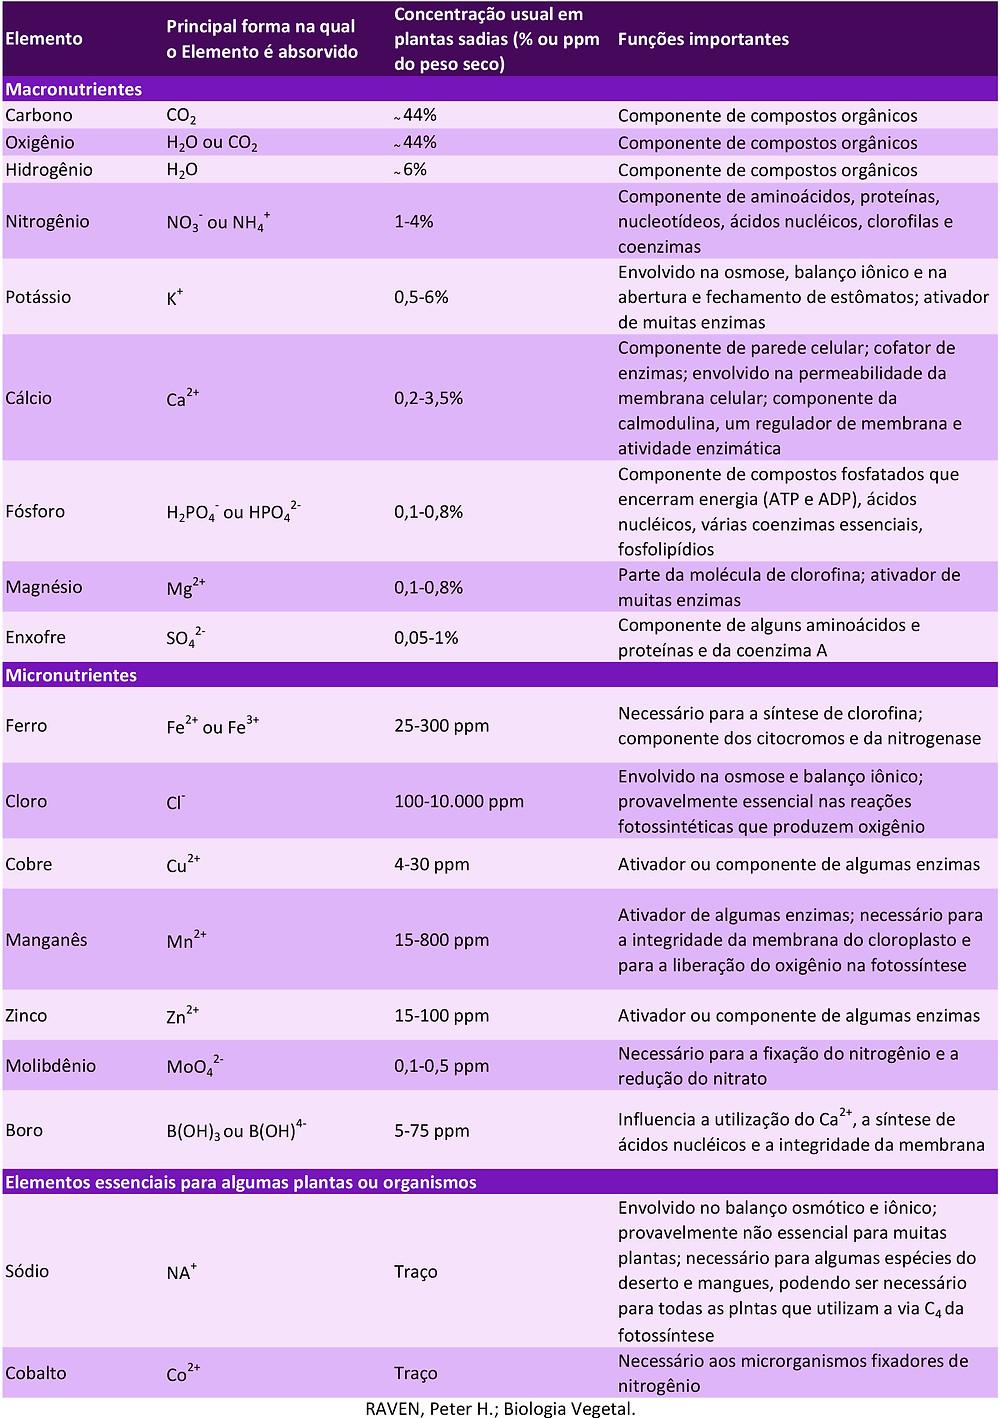 Canal CS Grow - Nutrientes e fertilizantes - Resumo das funções dos nutrientes inorgânicos nas plantas